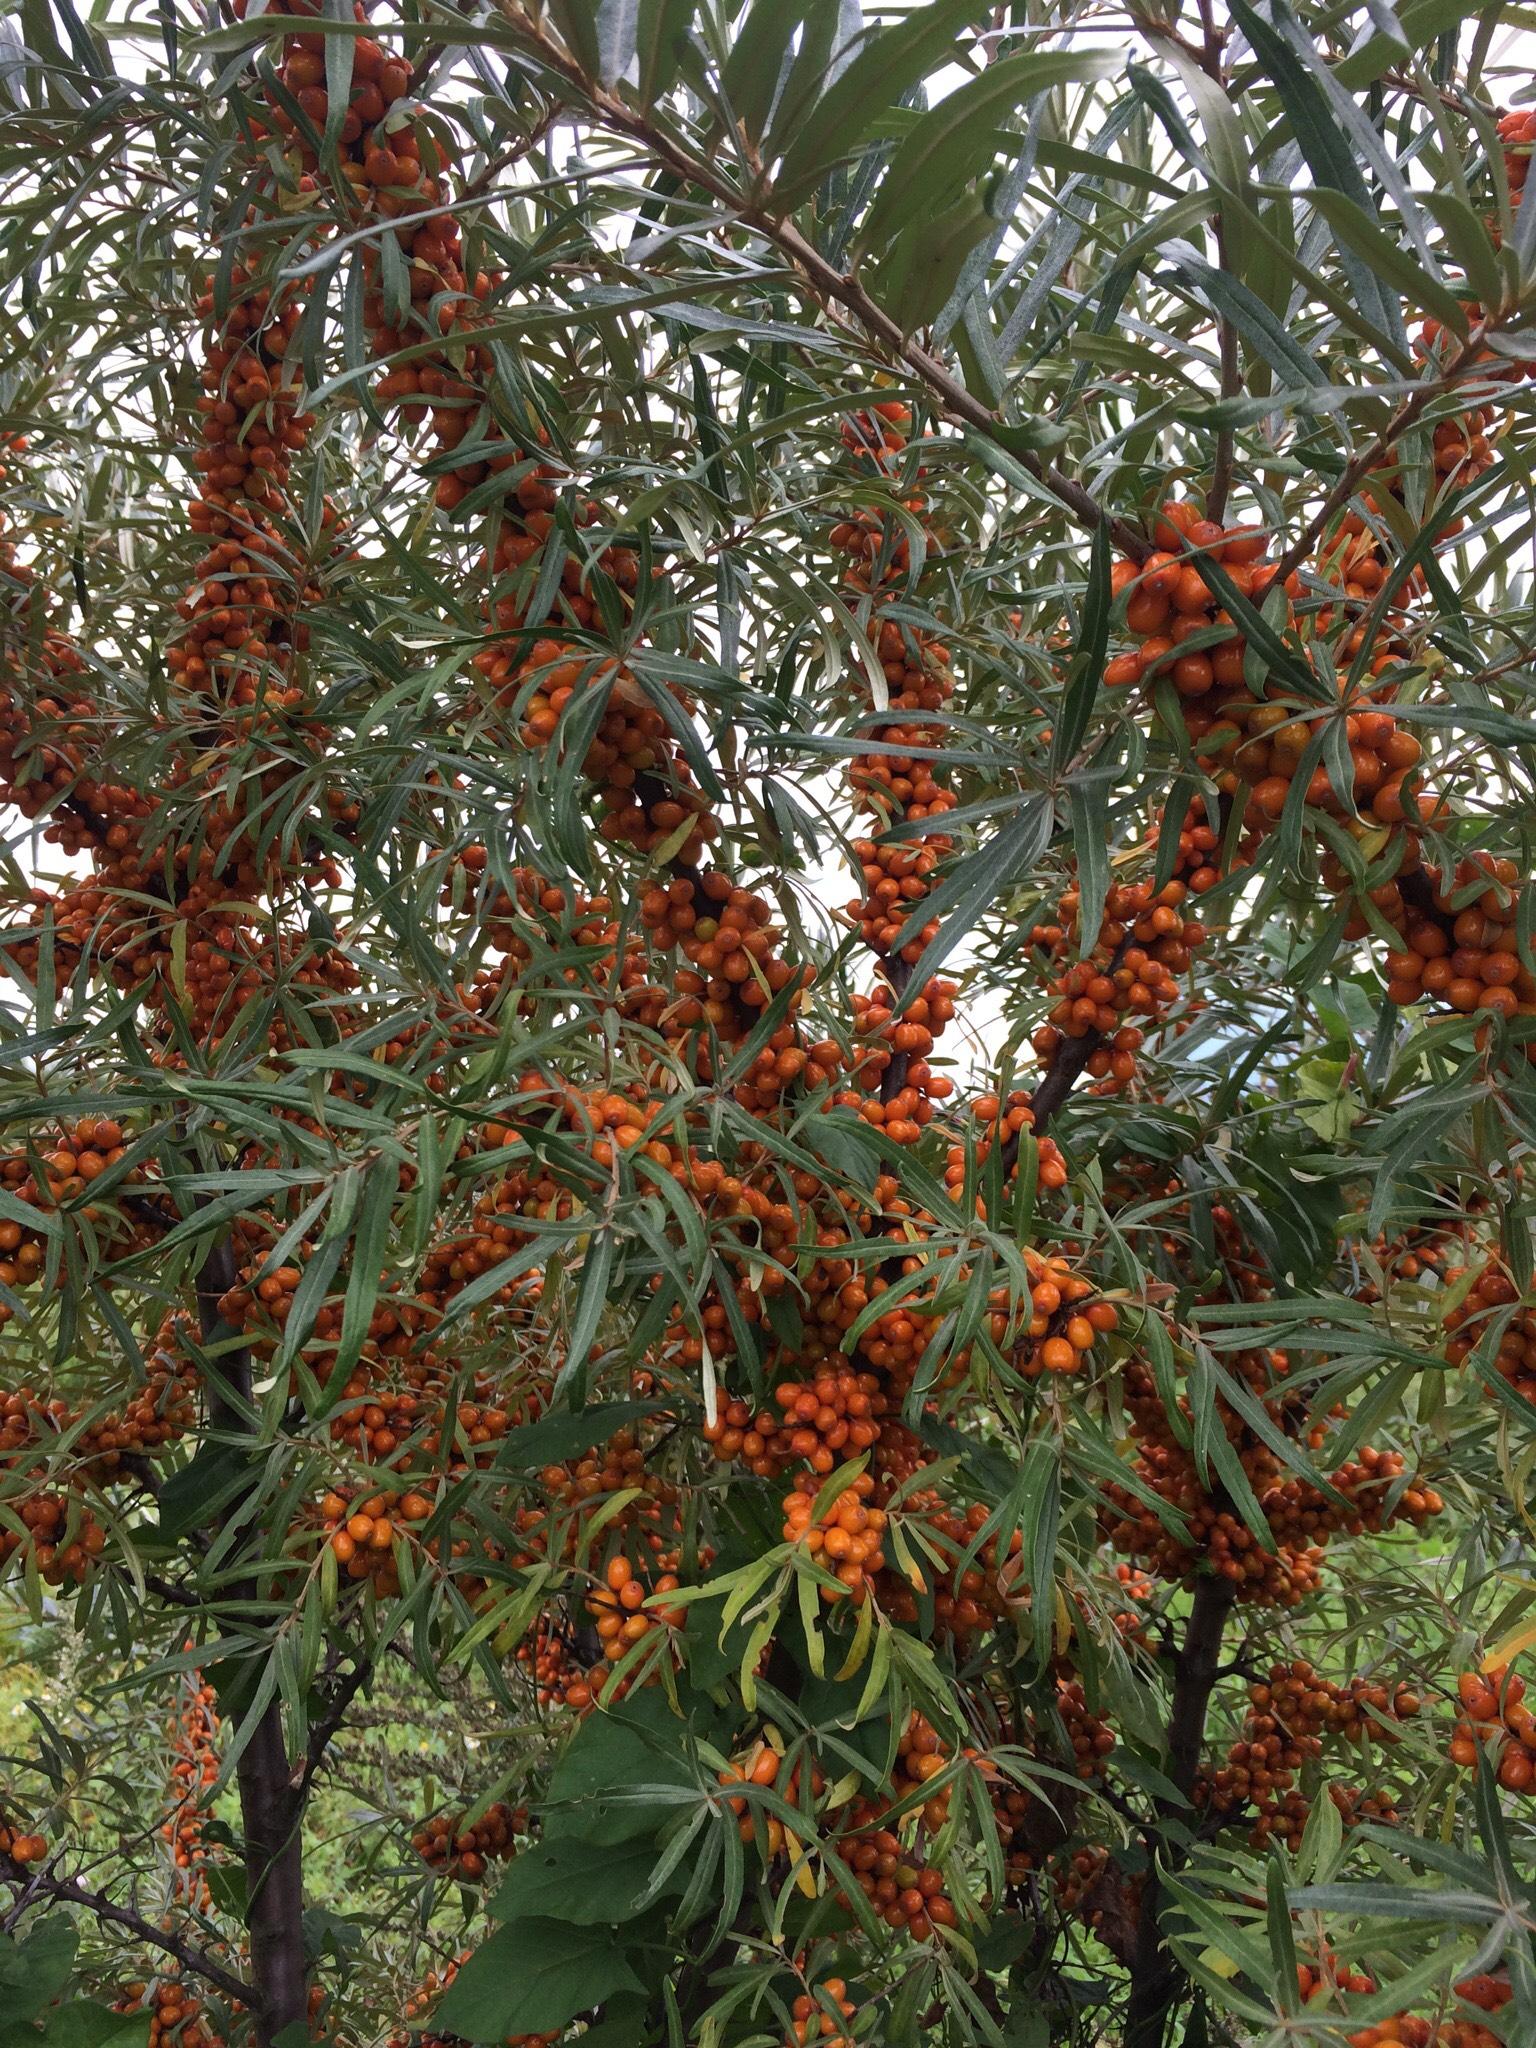 Seabuckthorn tree ready for harvest